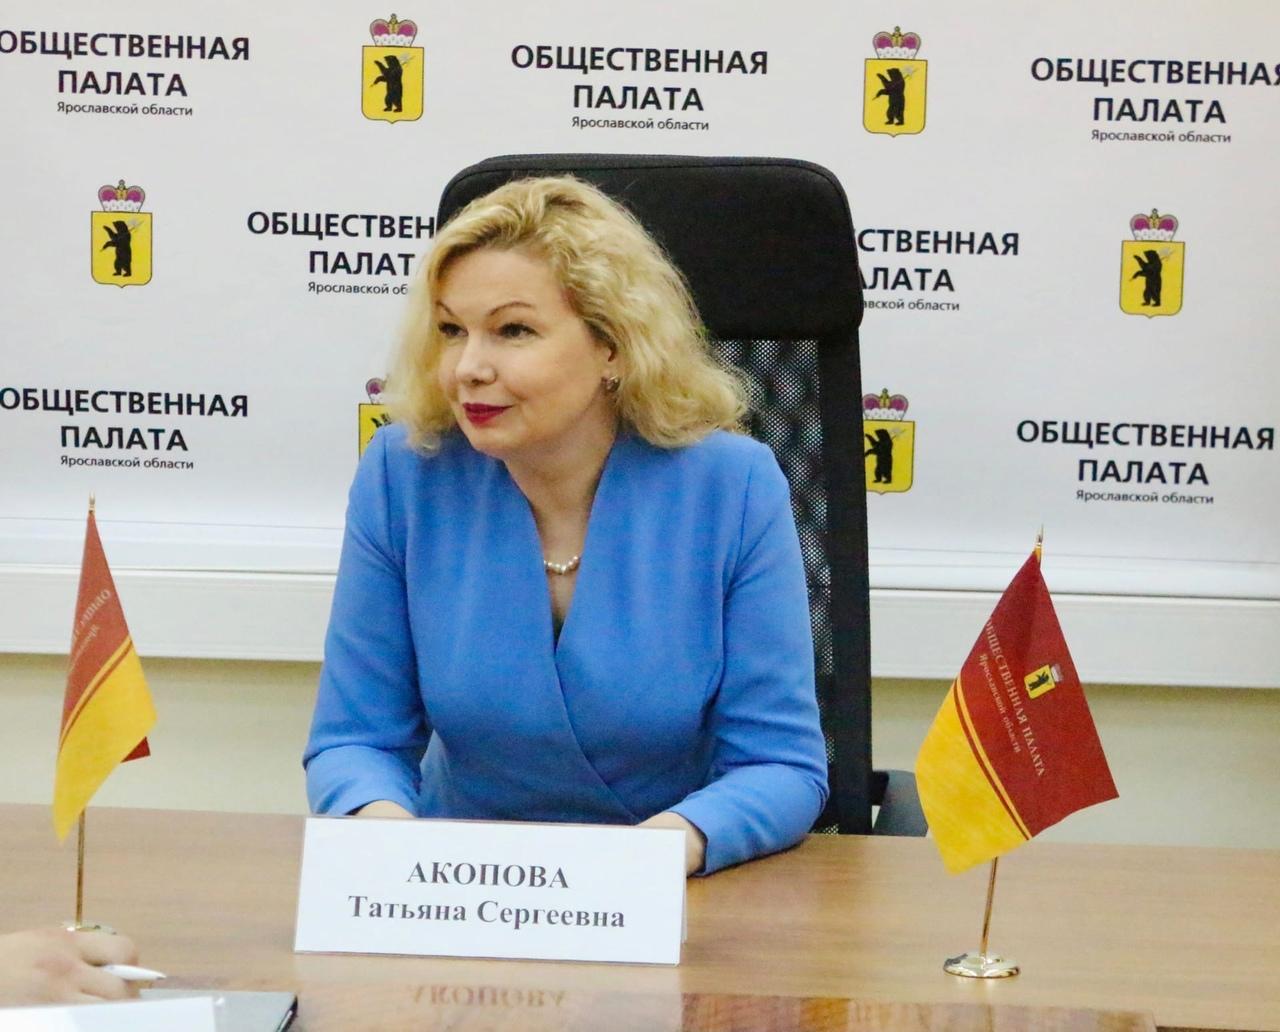 Более 73 тысяч жителей Ярославской области проголосовали дистанционно на выборах в Госдуму